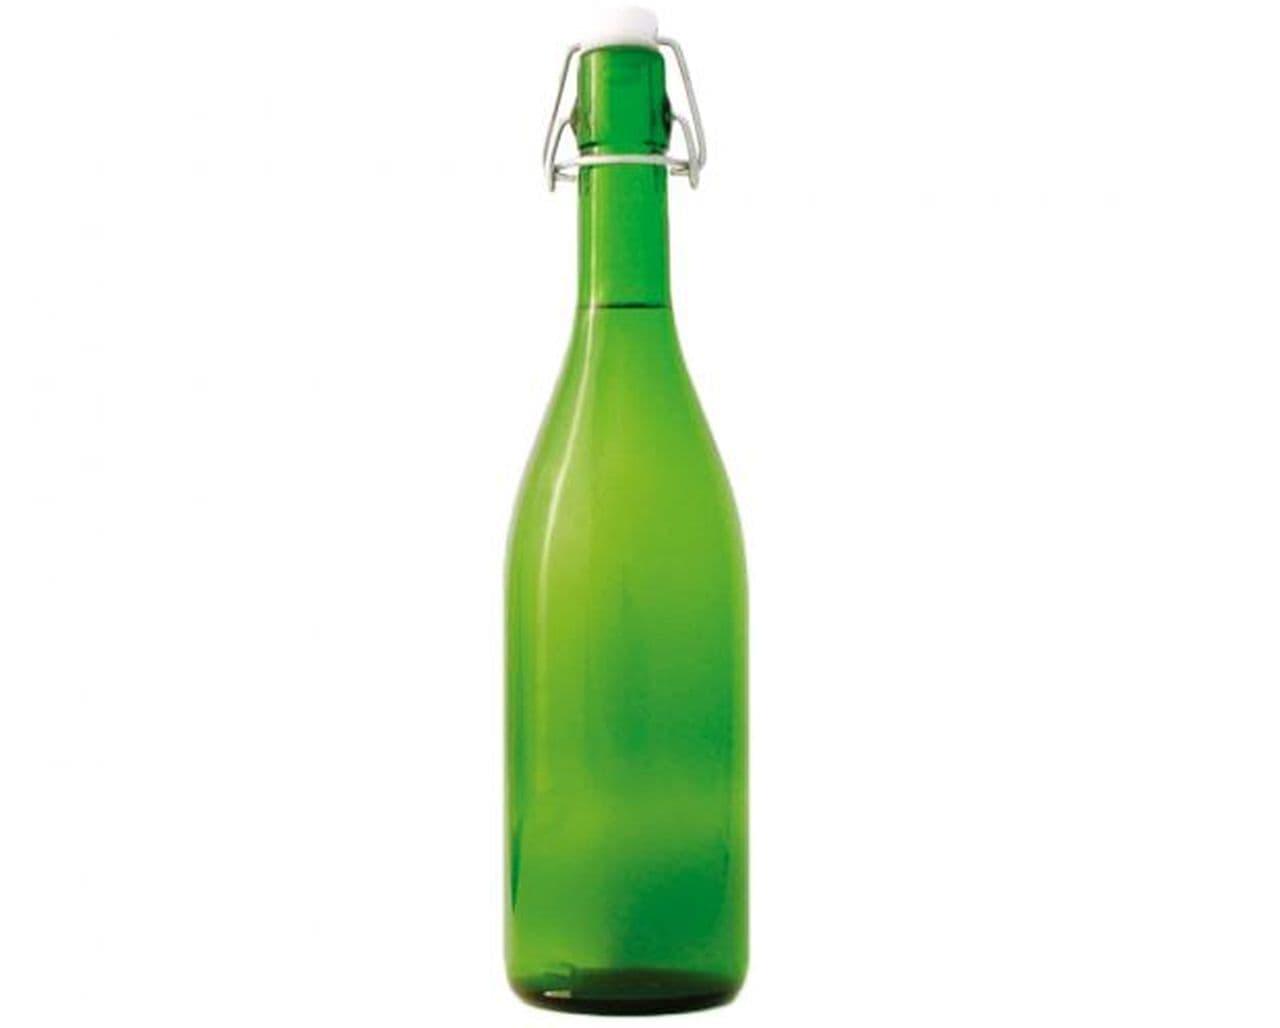 シャトレーゼ「樽出し生ワイン(白)」